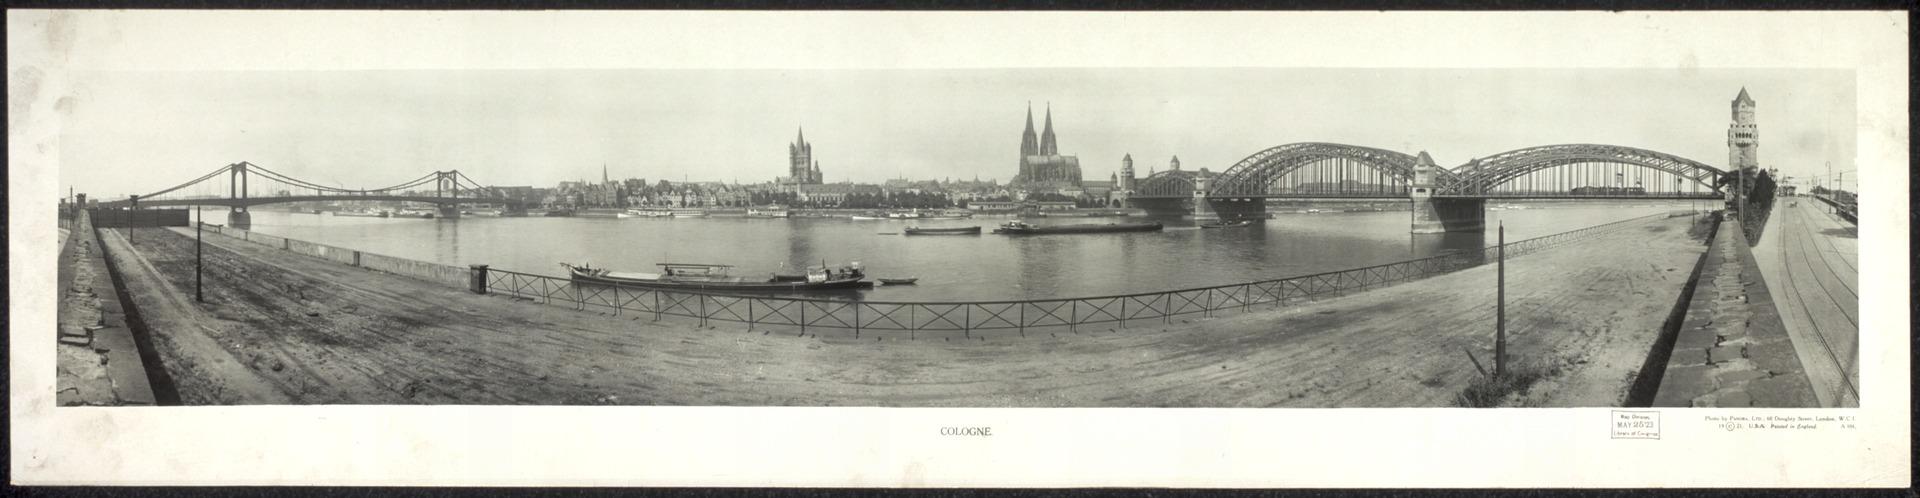 Cologne_LCCN2007663191.tif